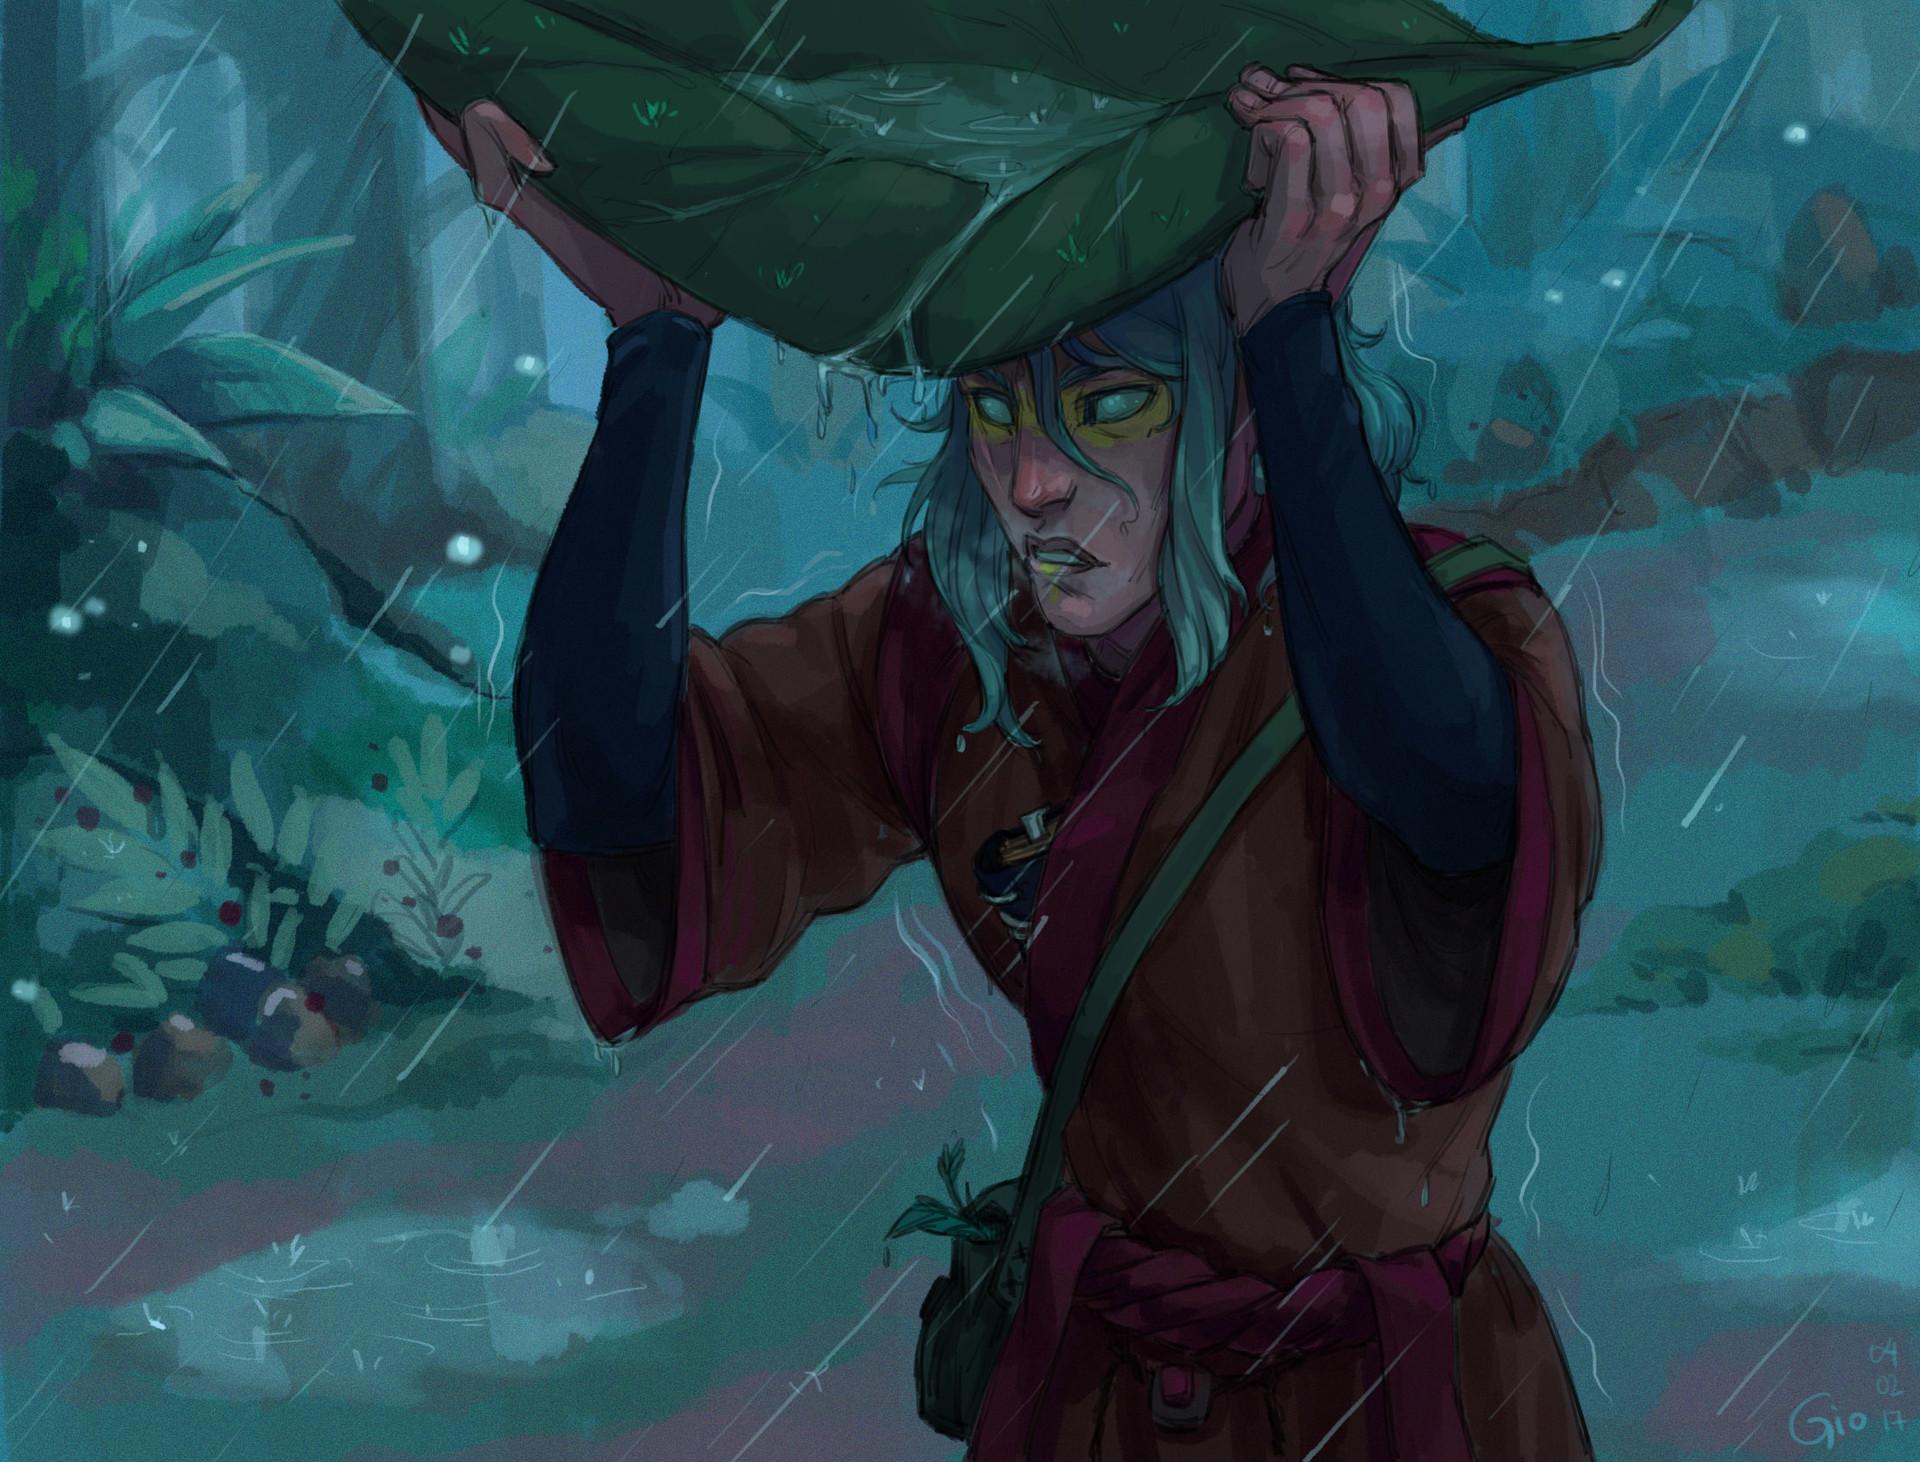 издержки арты по скайриму с лесными эльфами наклеенными